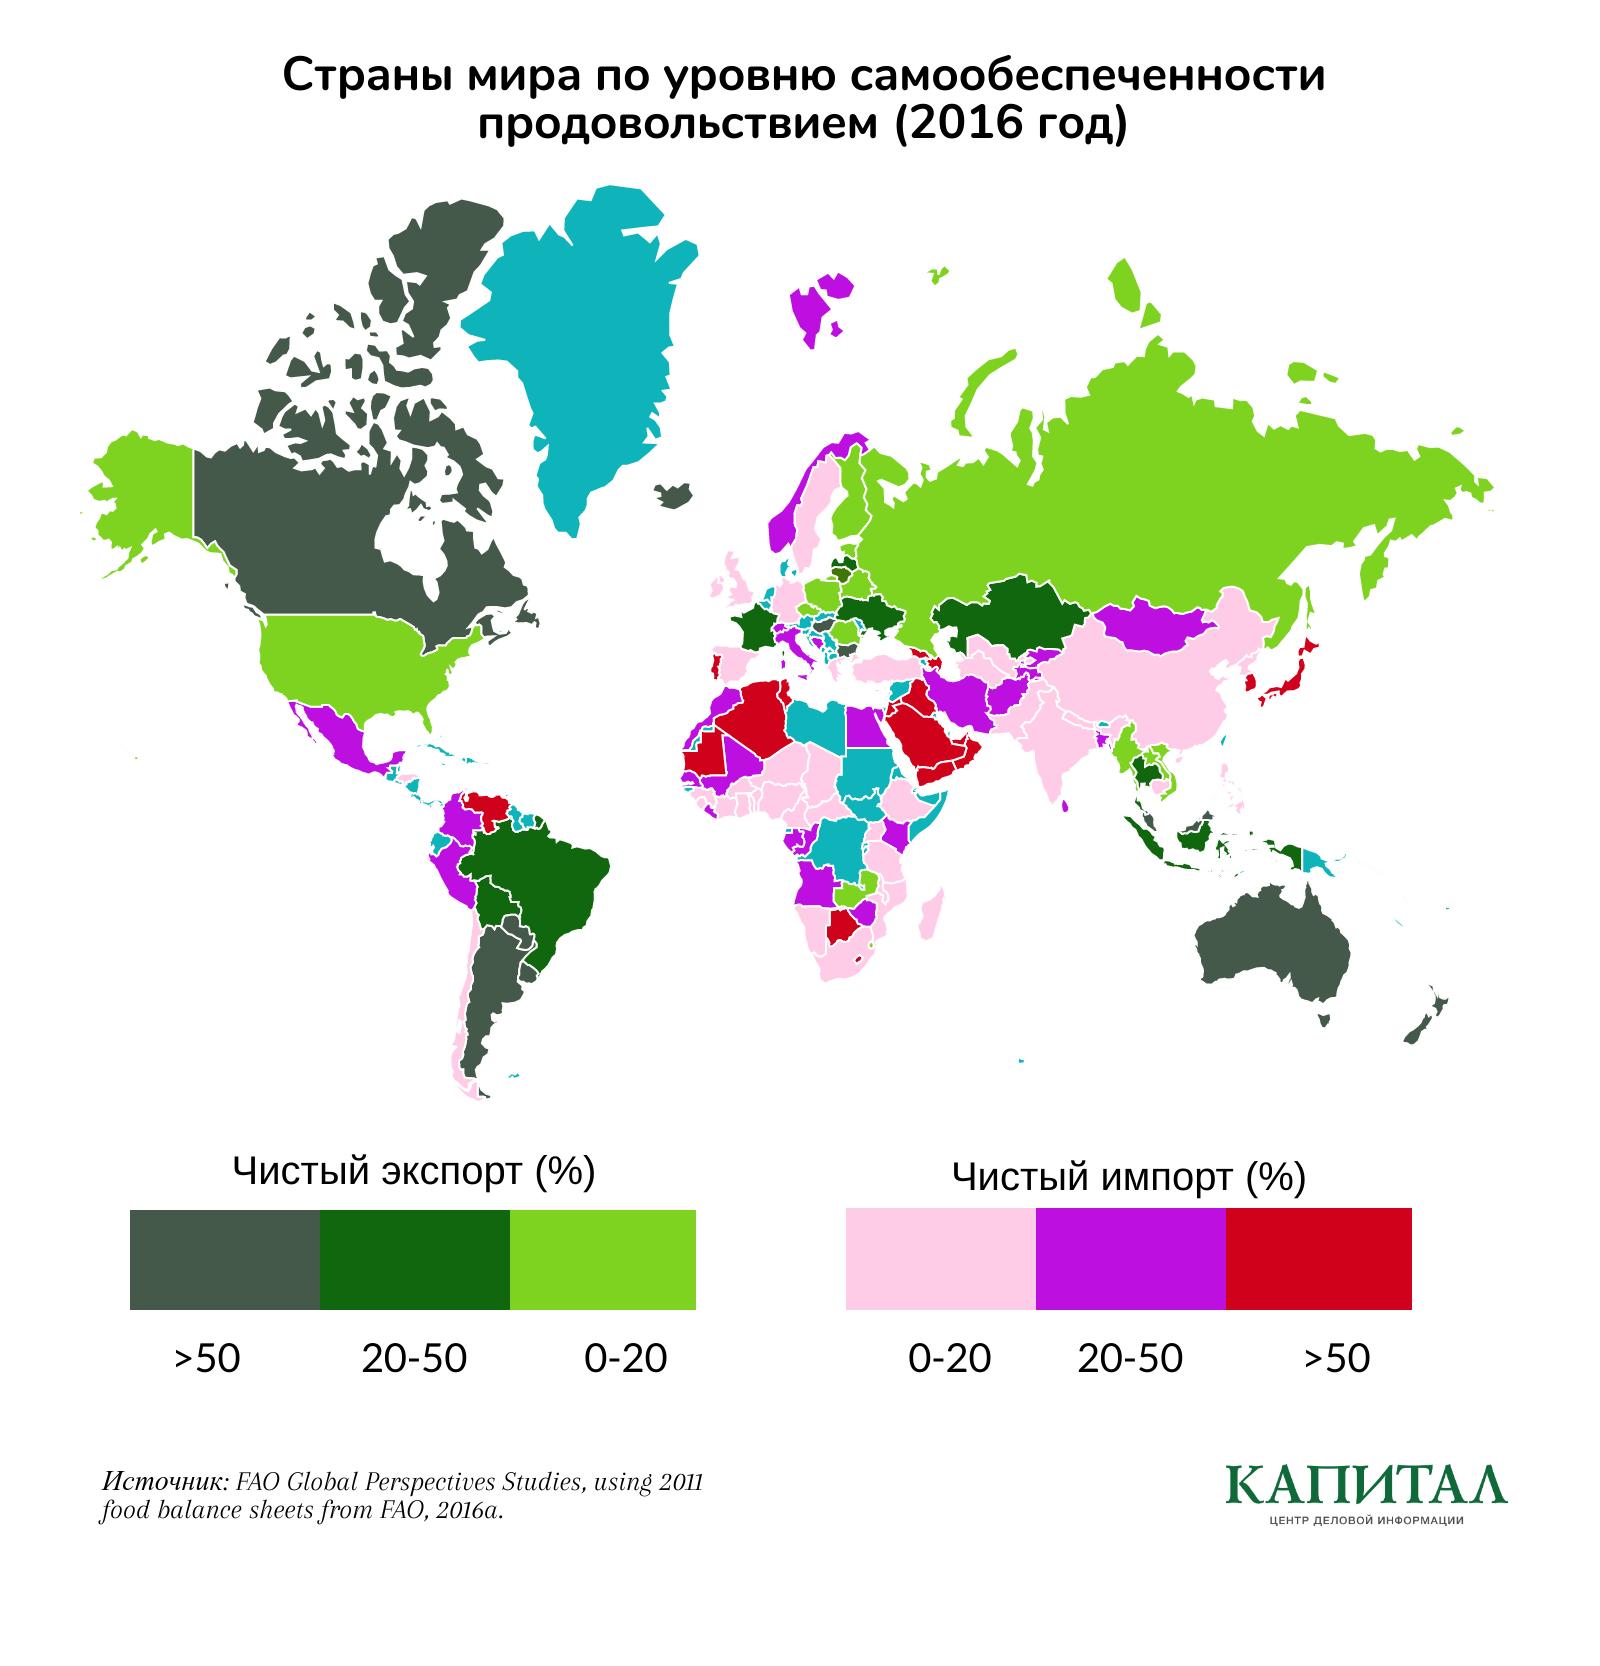 Что может привести к глобальному продовольственному кризису 253118 - Kapital.kz